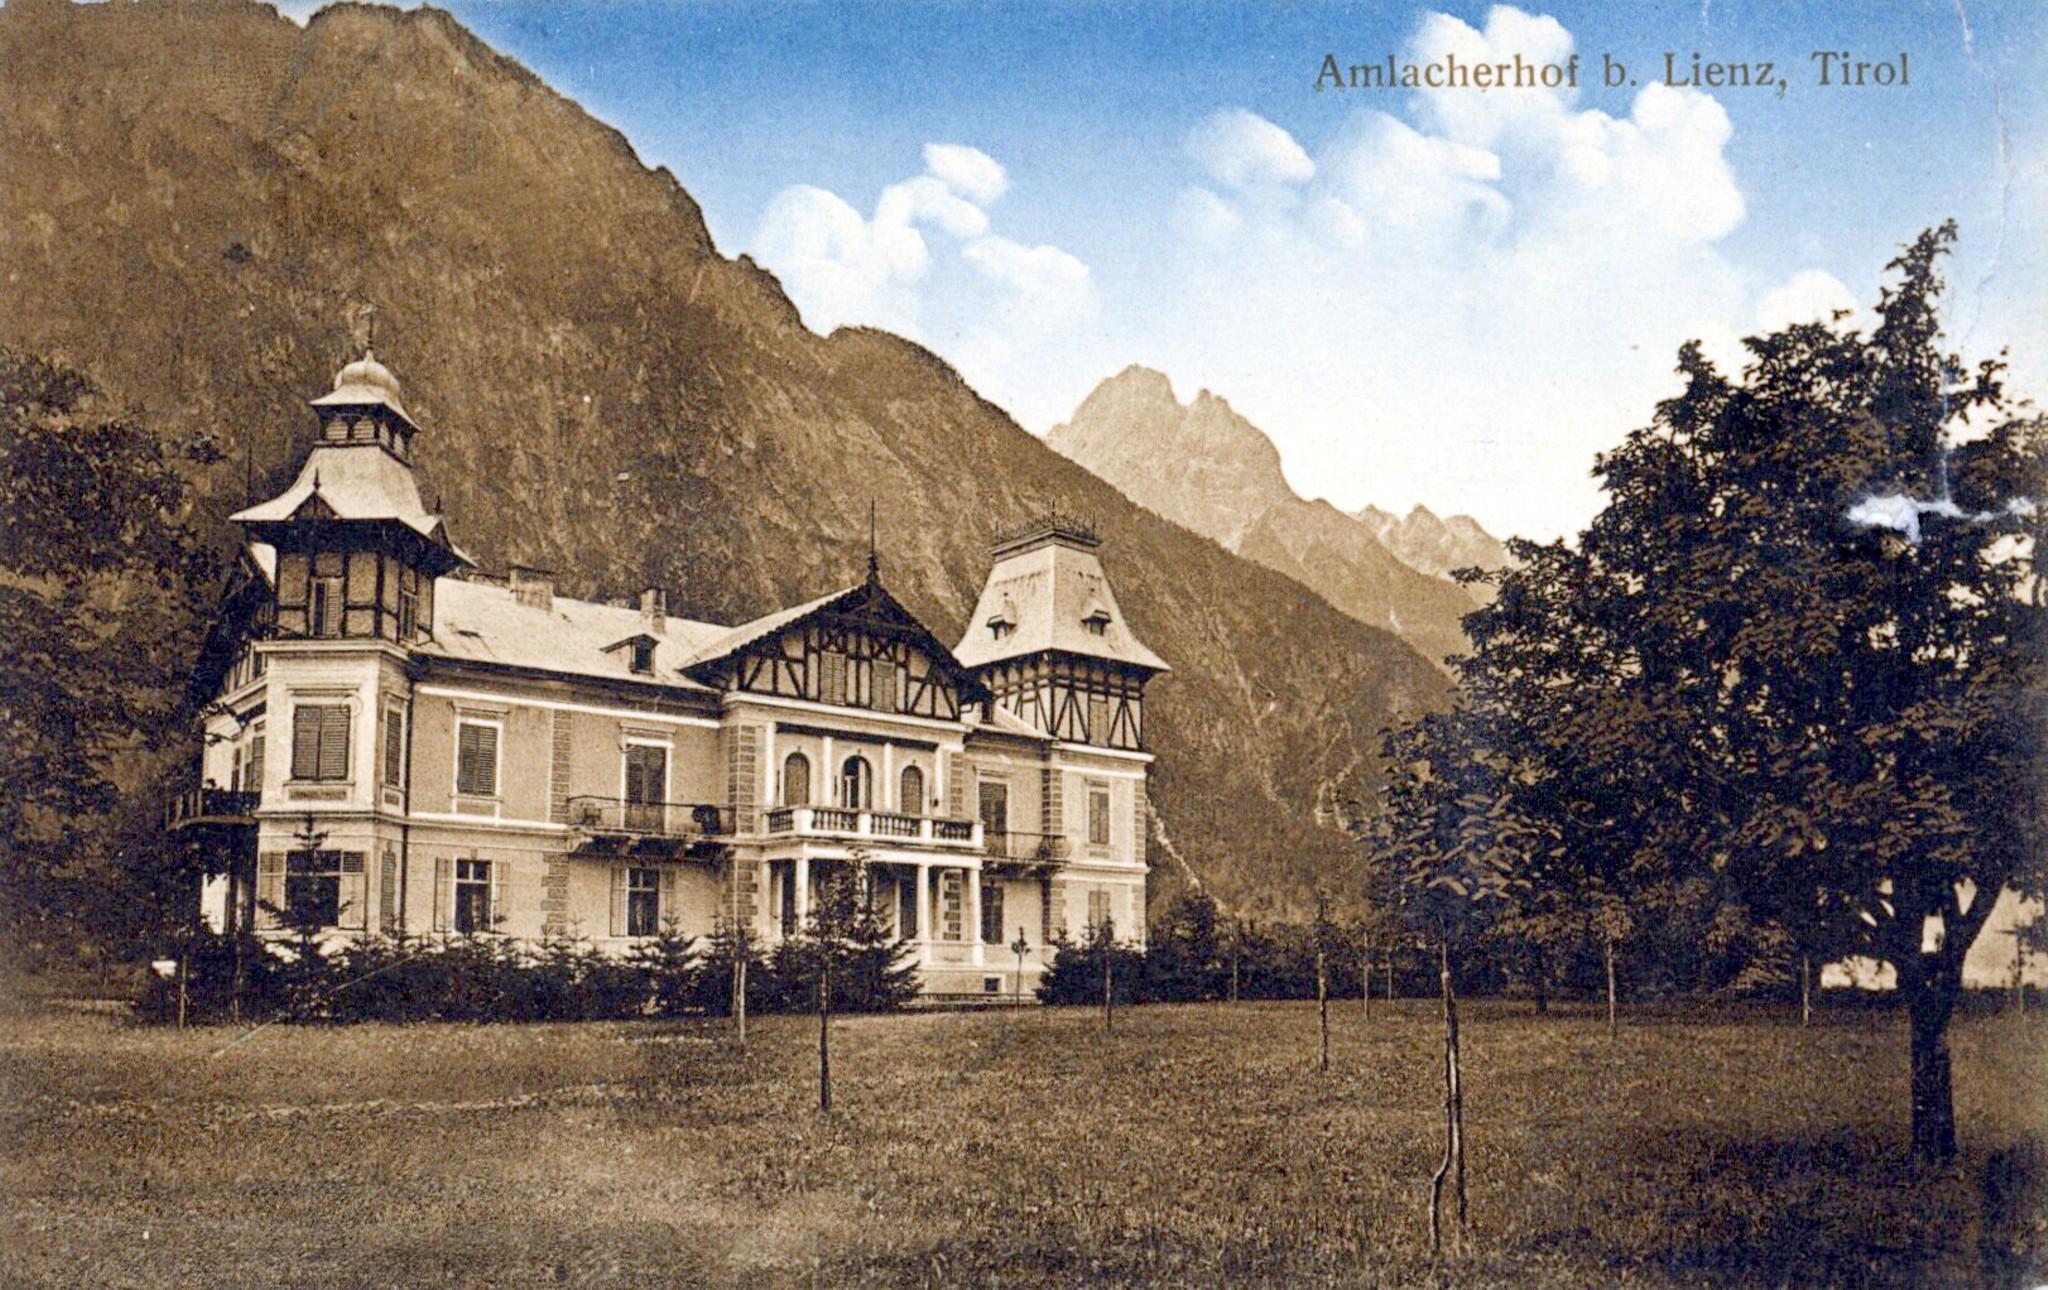 Lienz 1905, Amlacherhof